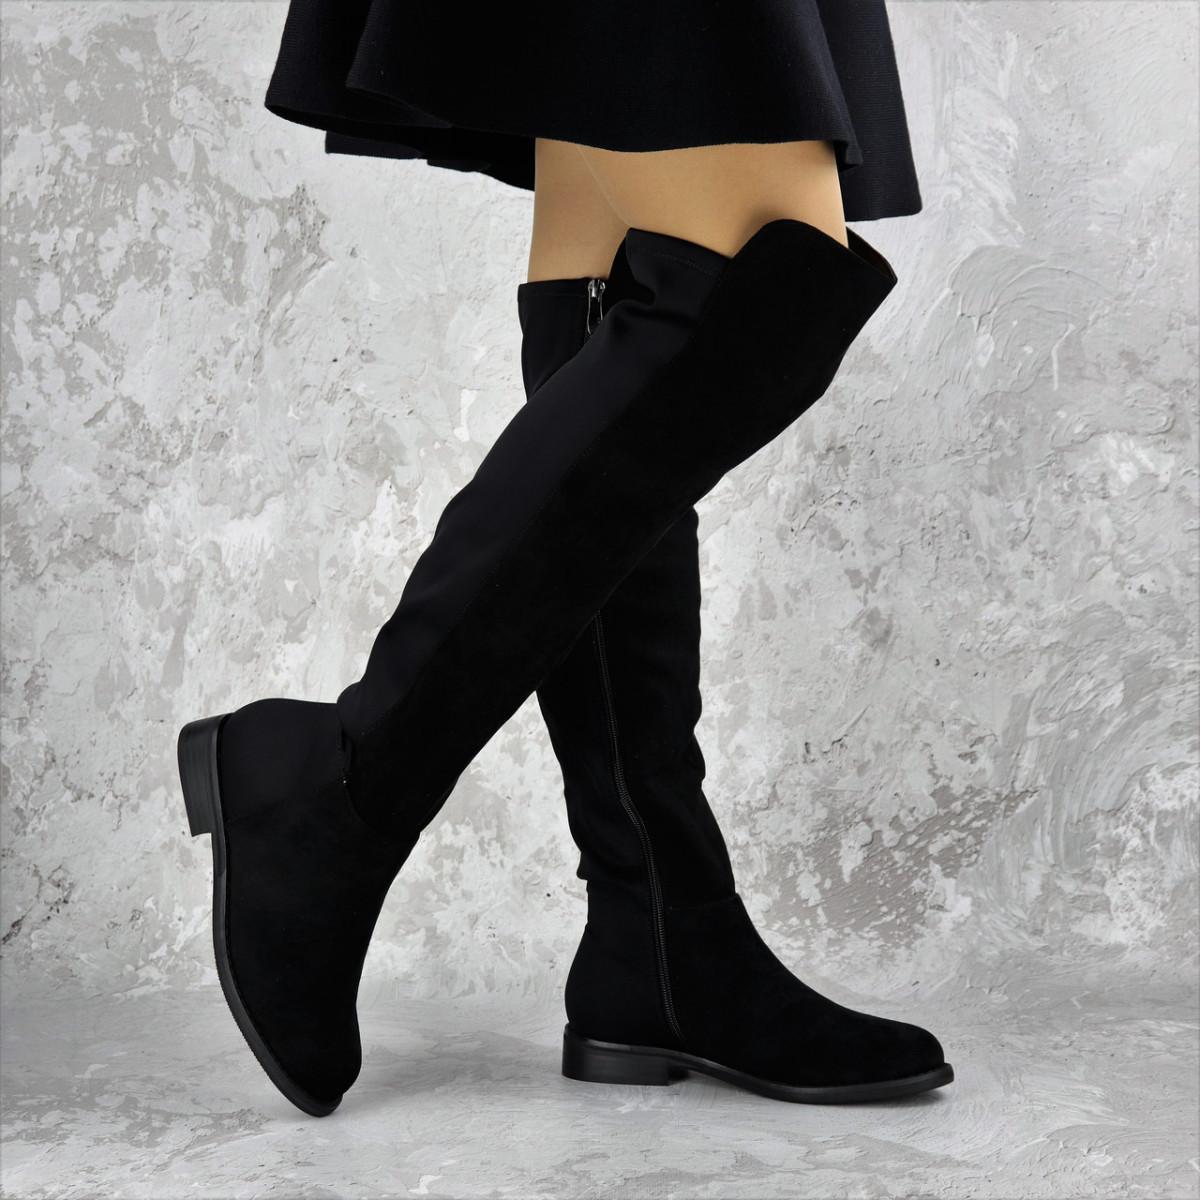 Женские ботфорты Cliff черные 1449 (37 размер)